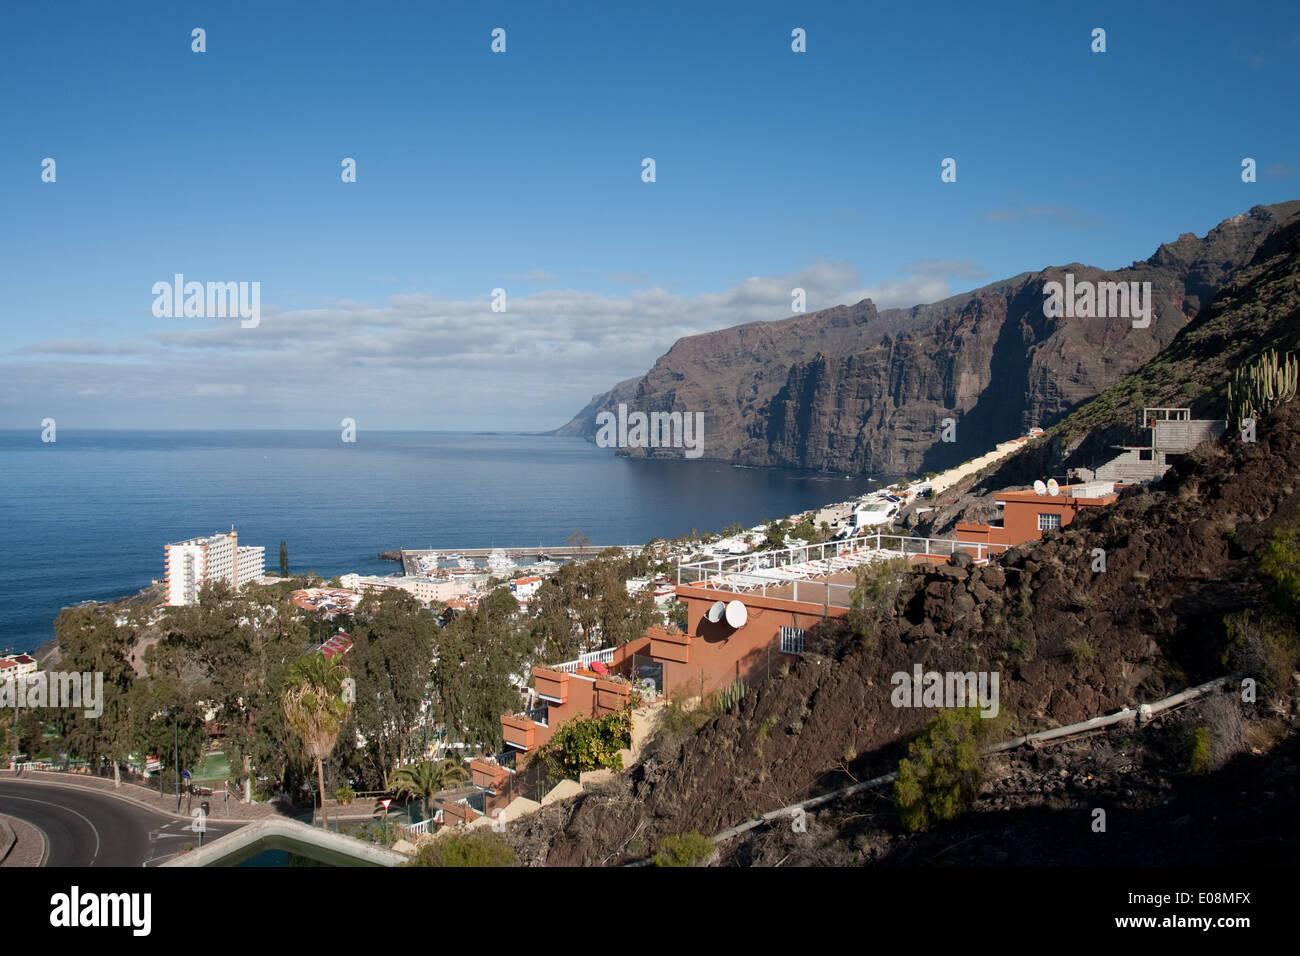 Acantilado de los Gigantes, Teneriffa, Spanien - Stock Image